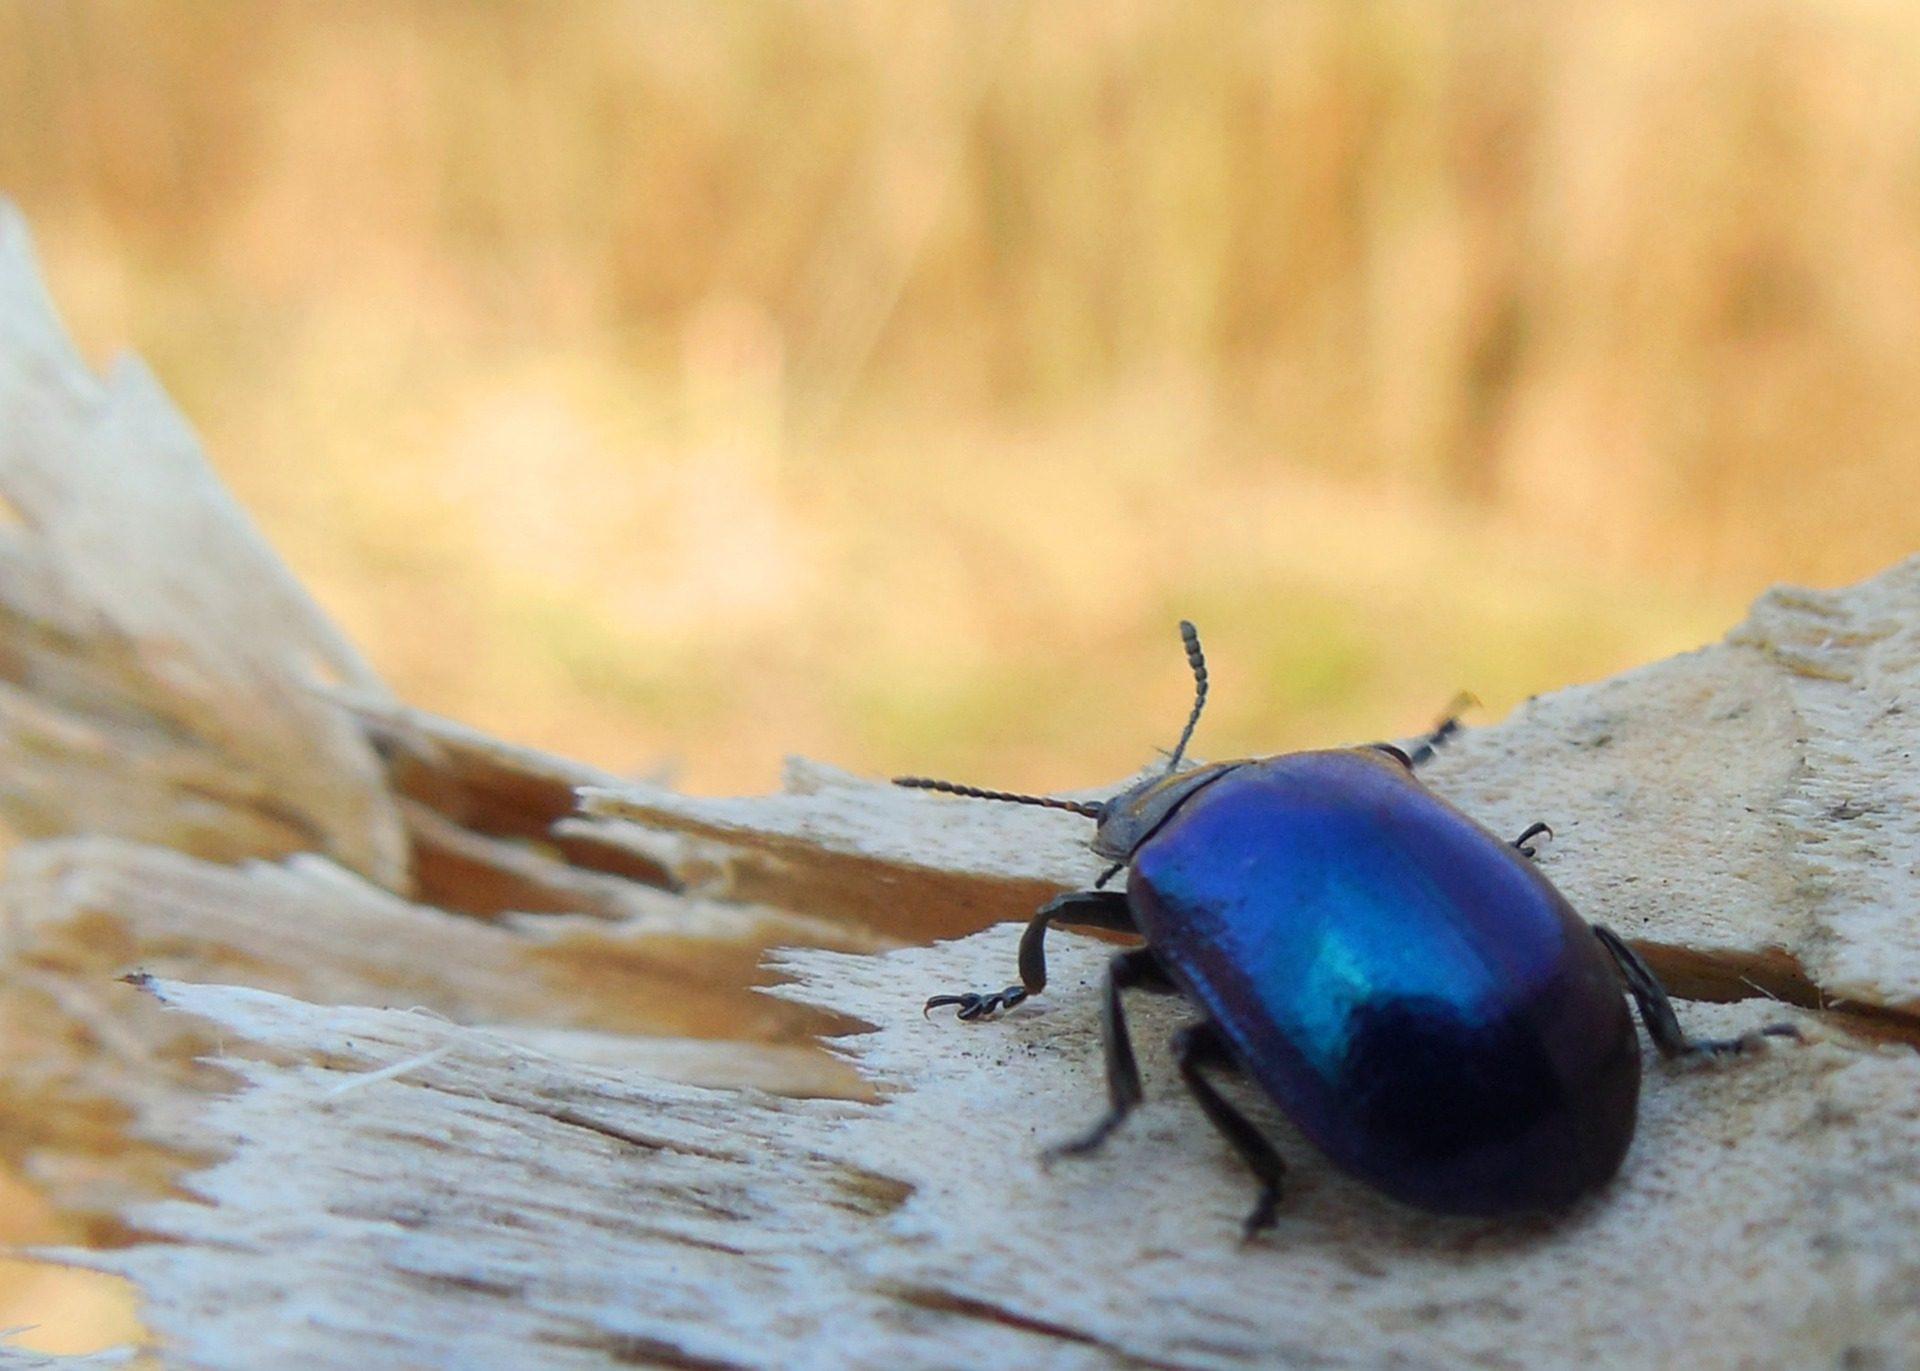 escarabajo, azul, insecto, antenas, patas, madera - Fondos de Pantalla HD - professor-falken.com